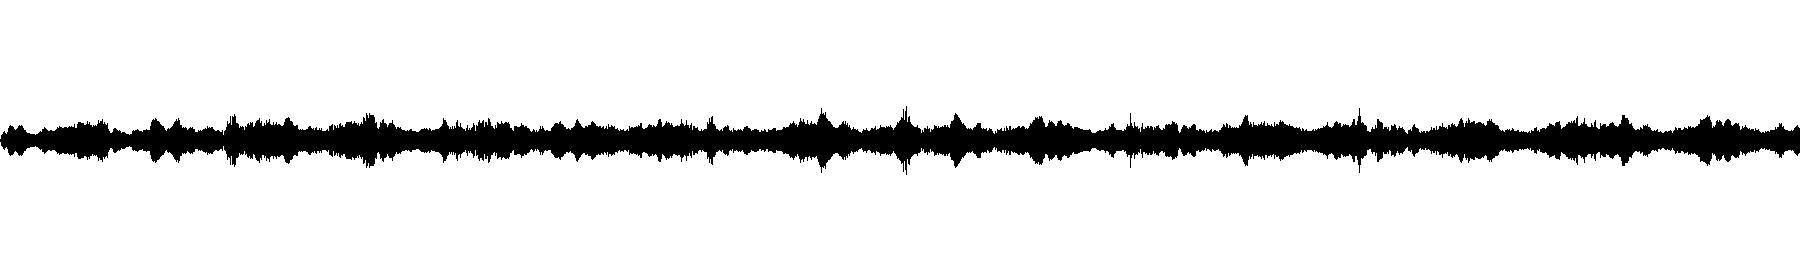 dark flute chords   120bpm   abmaj